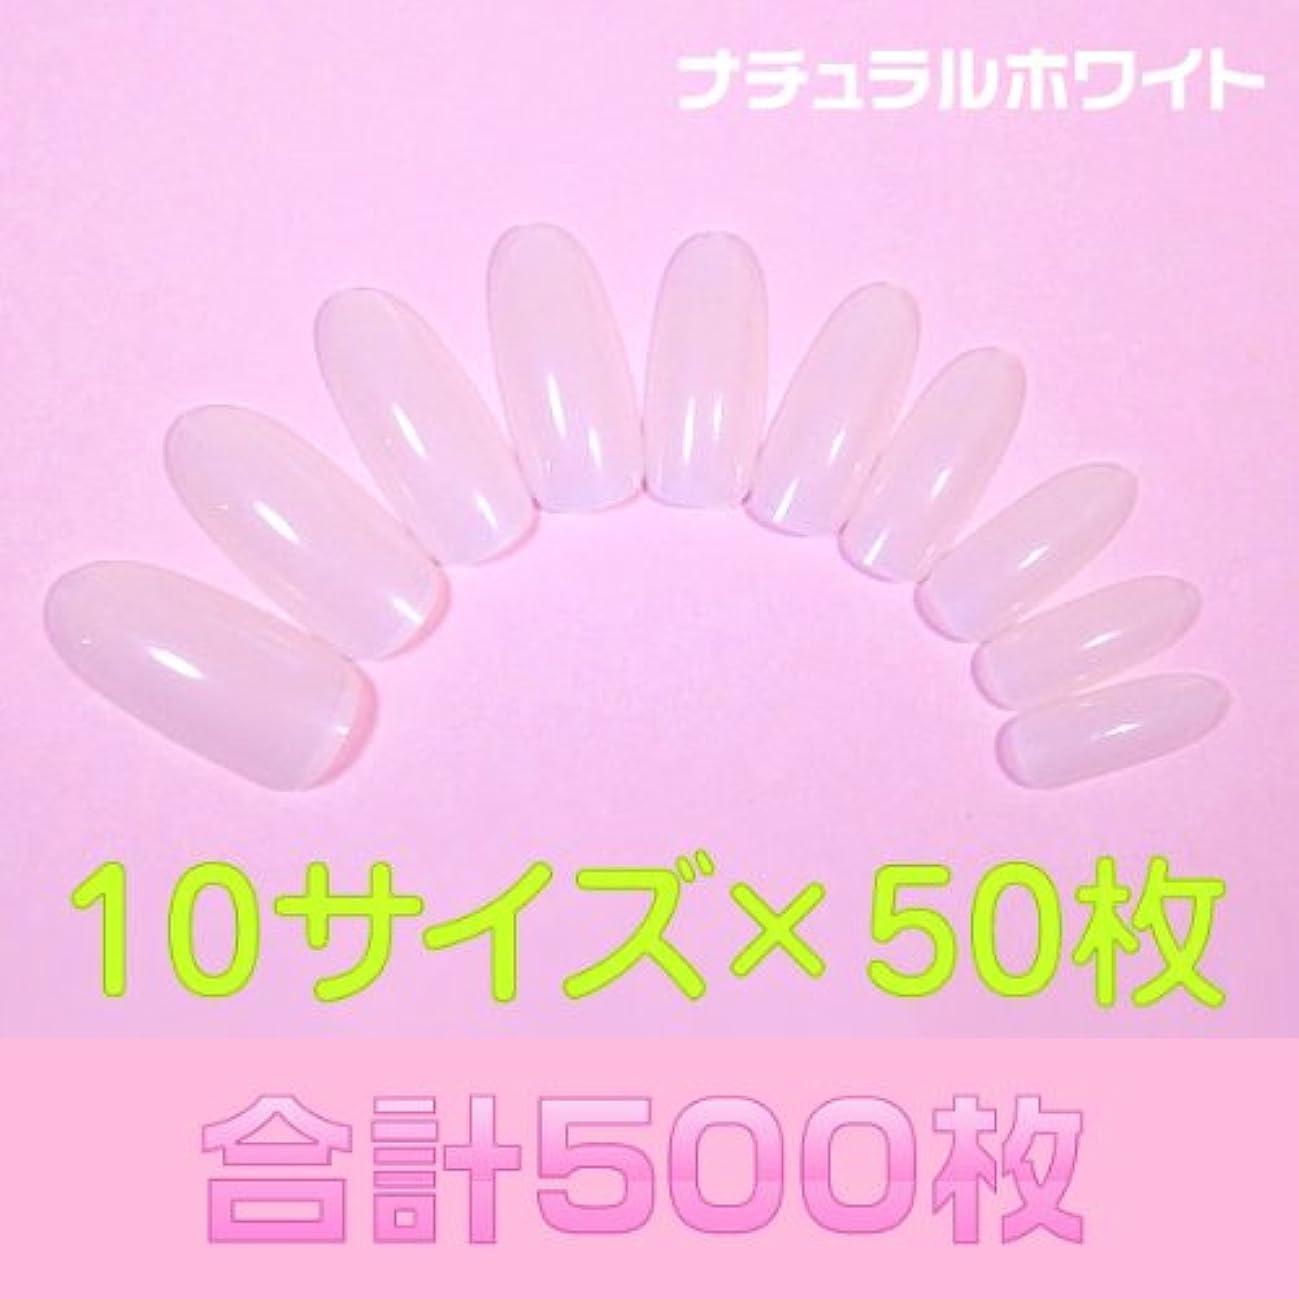 マーカー重力慢性的ネイルチップ 無地 ナチュラルホワイト ロングオーバル500枚 [#4]フルカバーオーダー用通販 つけ爪付け爪